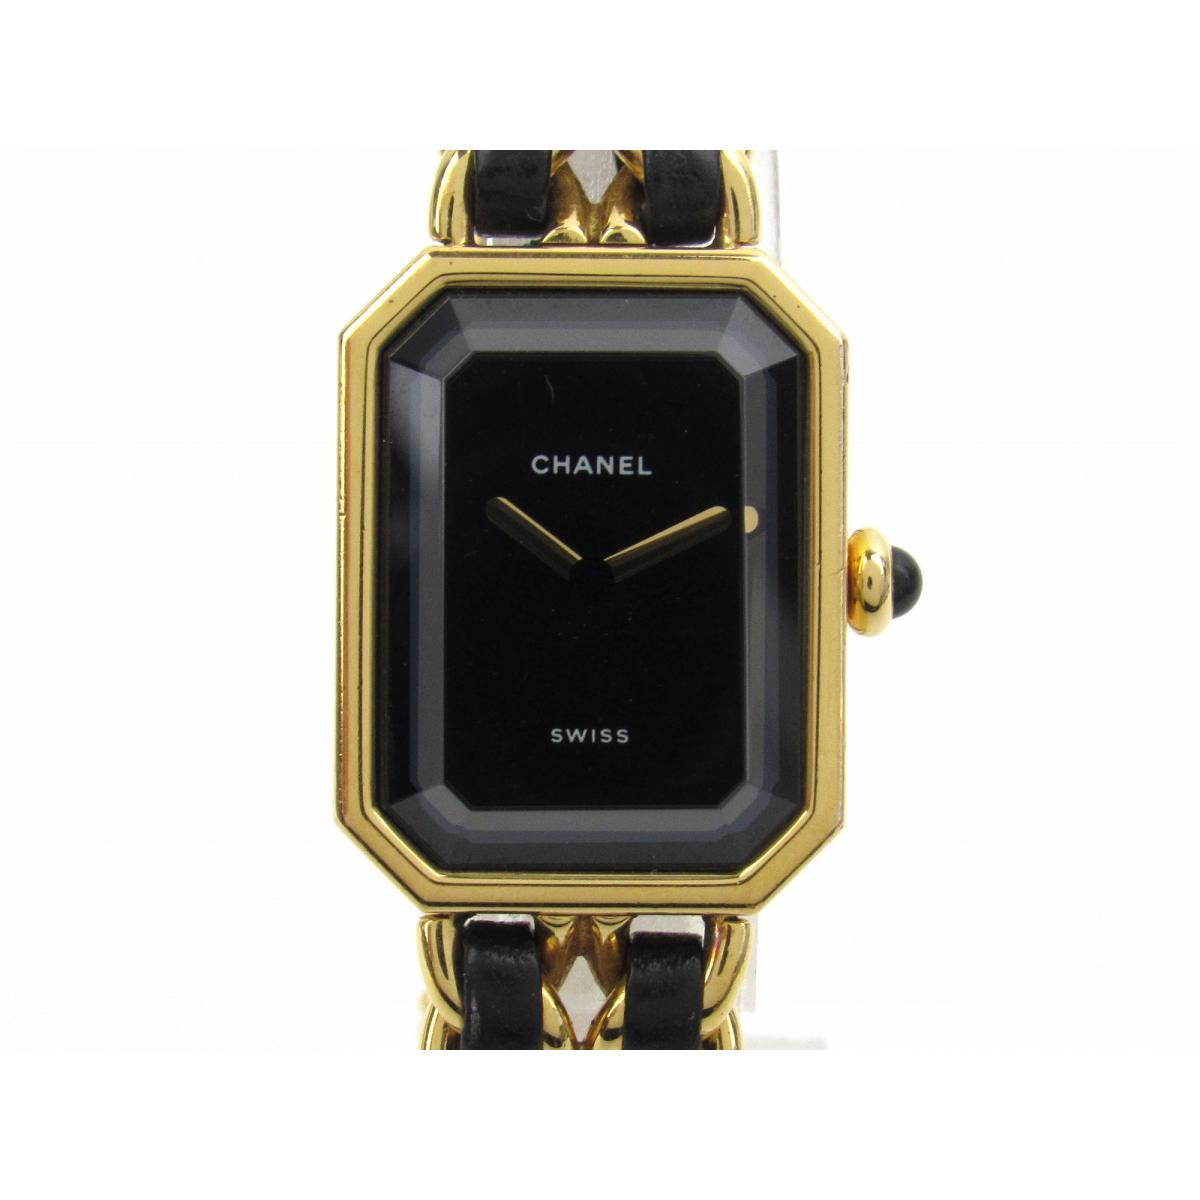 【最大24回無金利】 シャネル プルミエールL ウォッチ 腕時計 時計 レディース レザーベルトxGP (ゴールドメッキ) 【中古】   CHANEL BRANDOFF ブランドオフ ブランド ブランド時計 ブランド腕時計